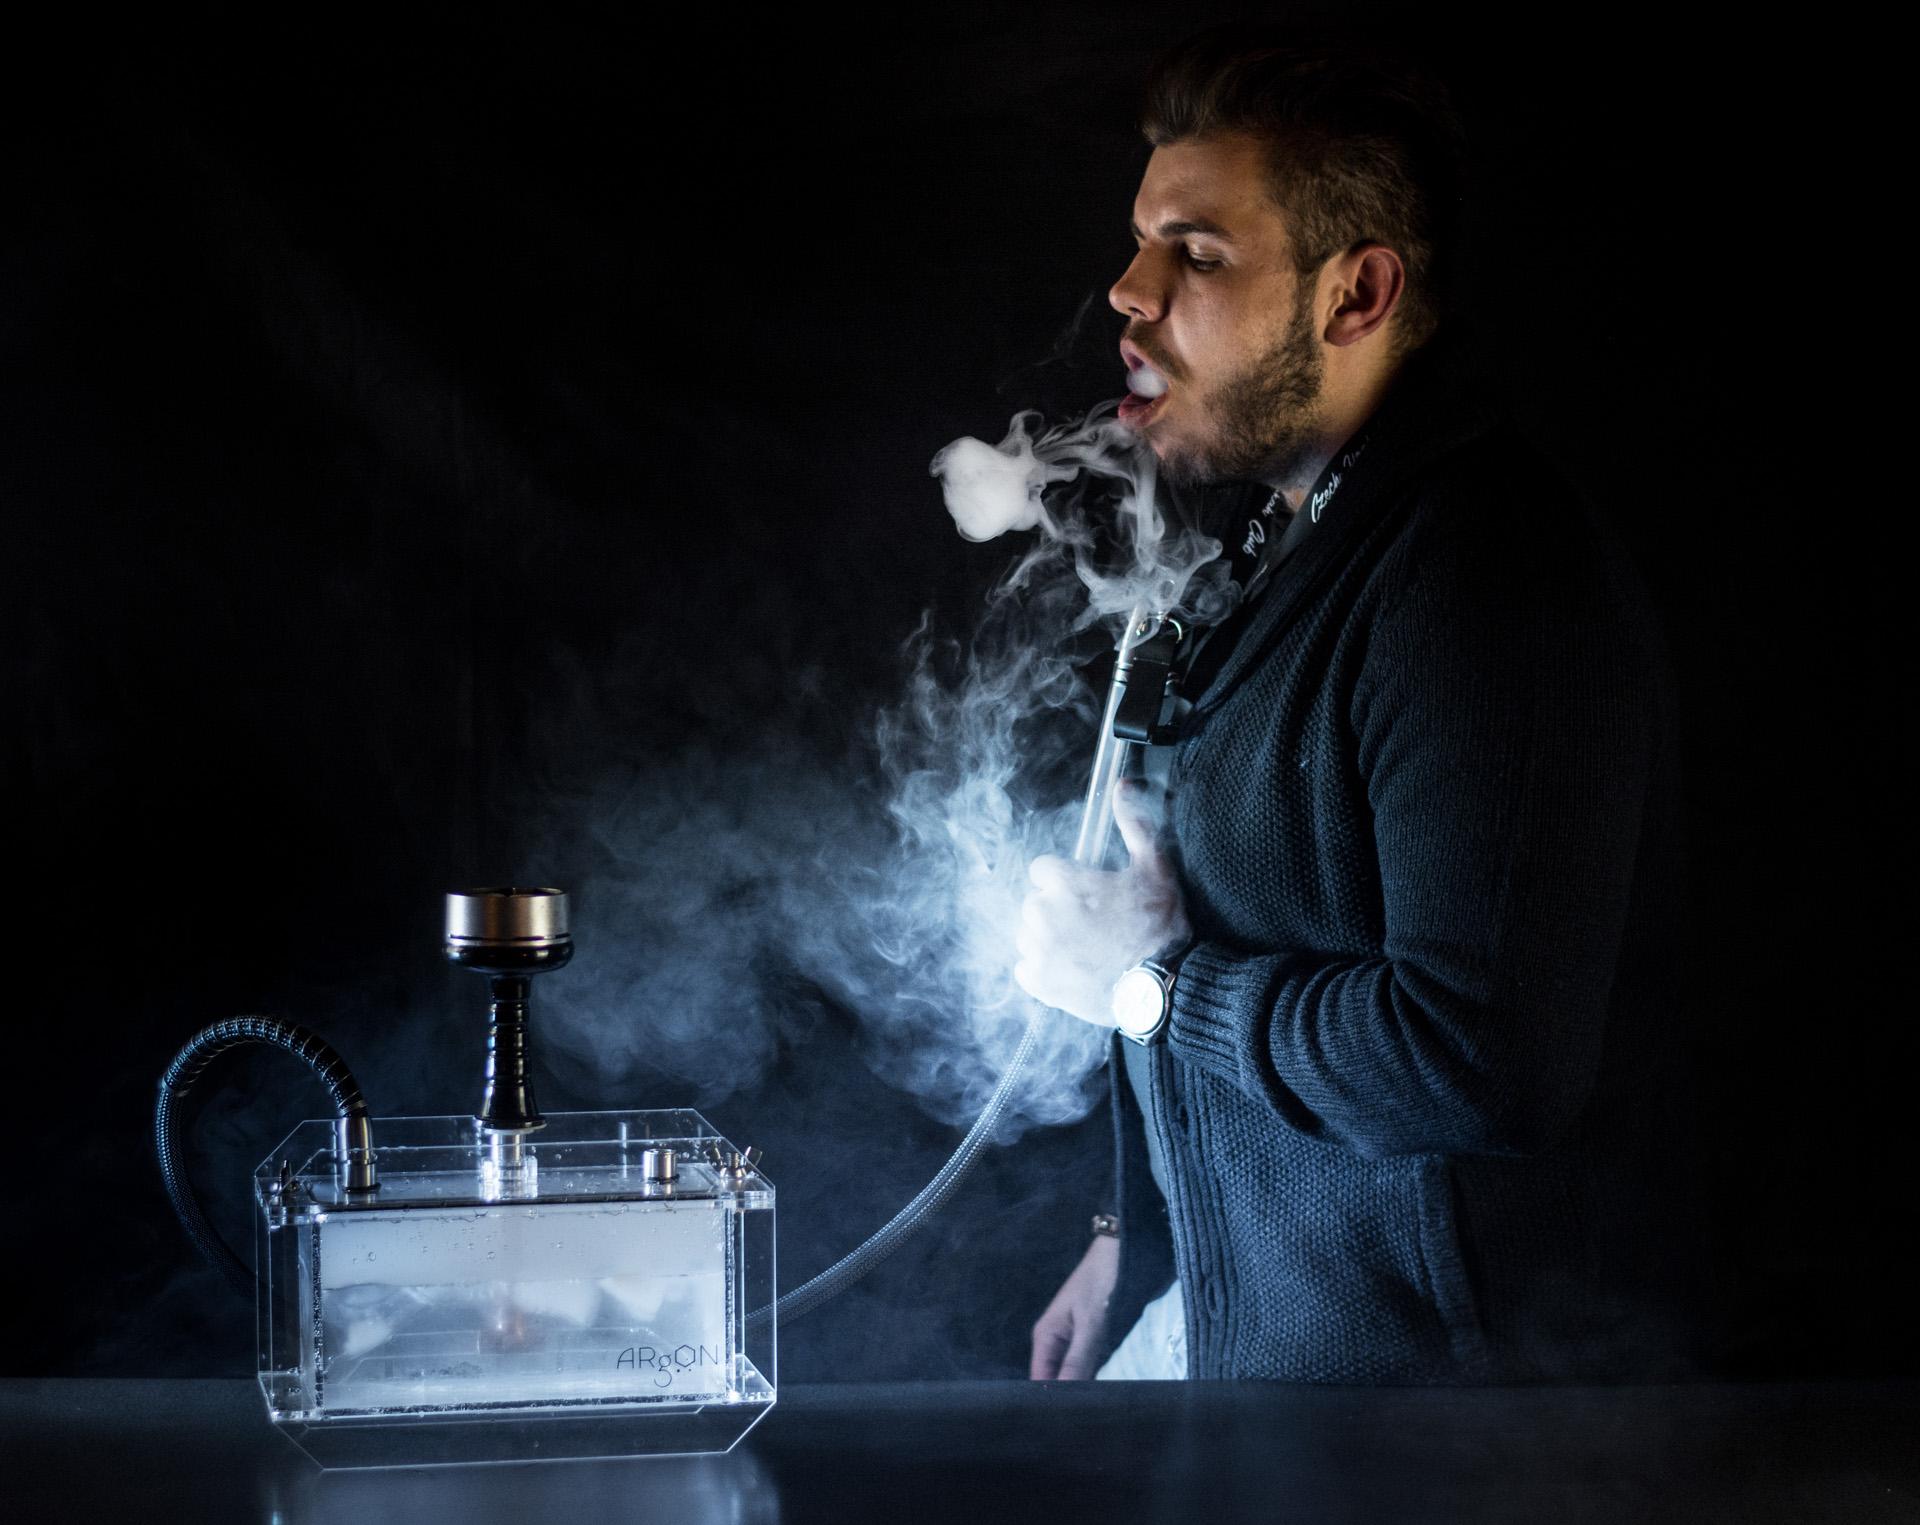 خطرات مصرف قلیان بیشتر است یا سیگار ؟